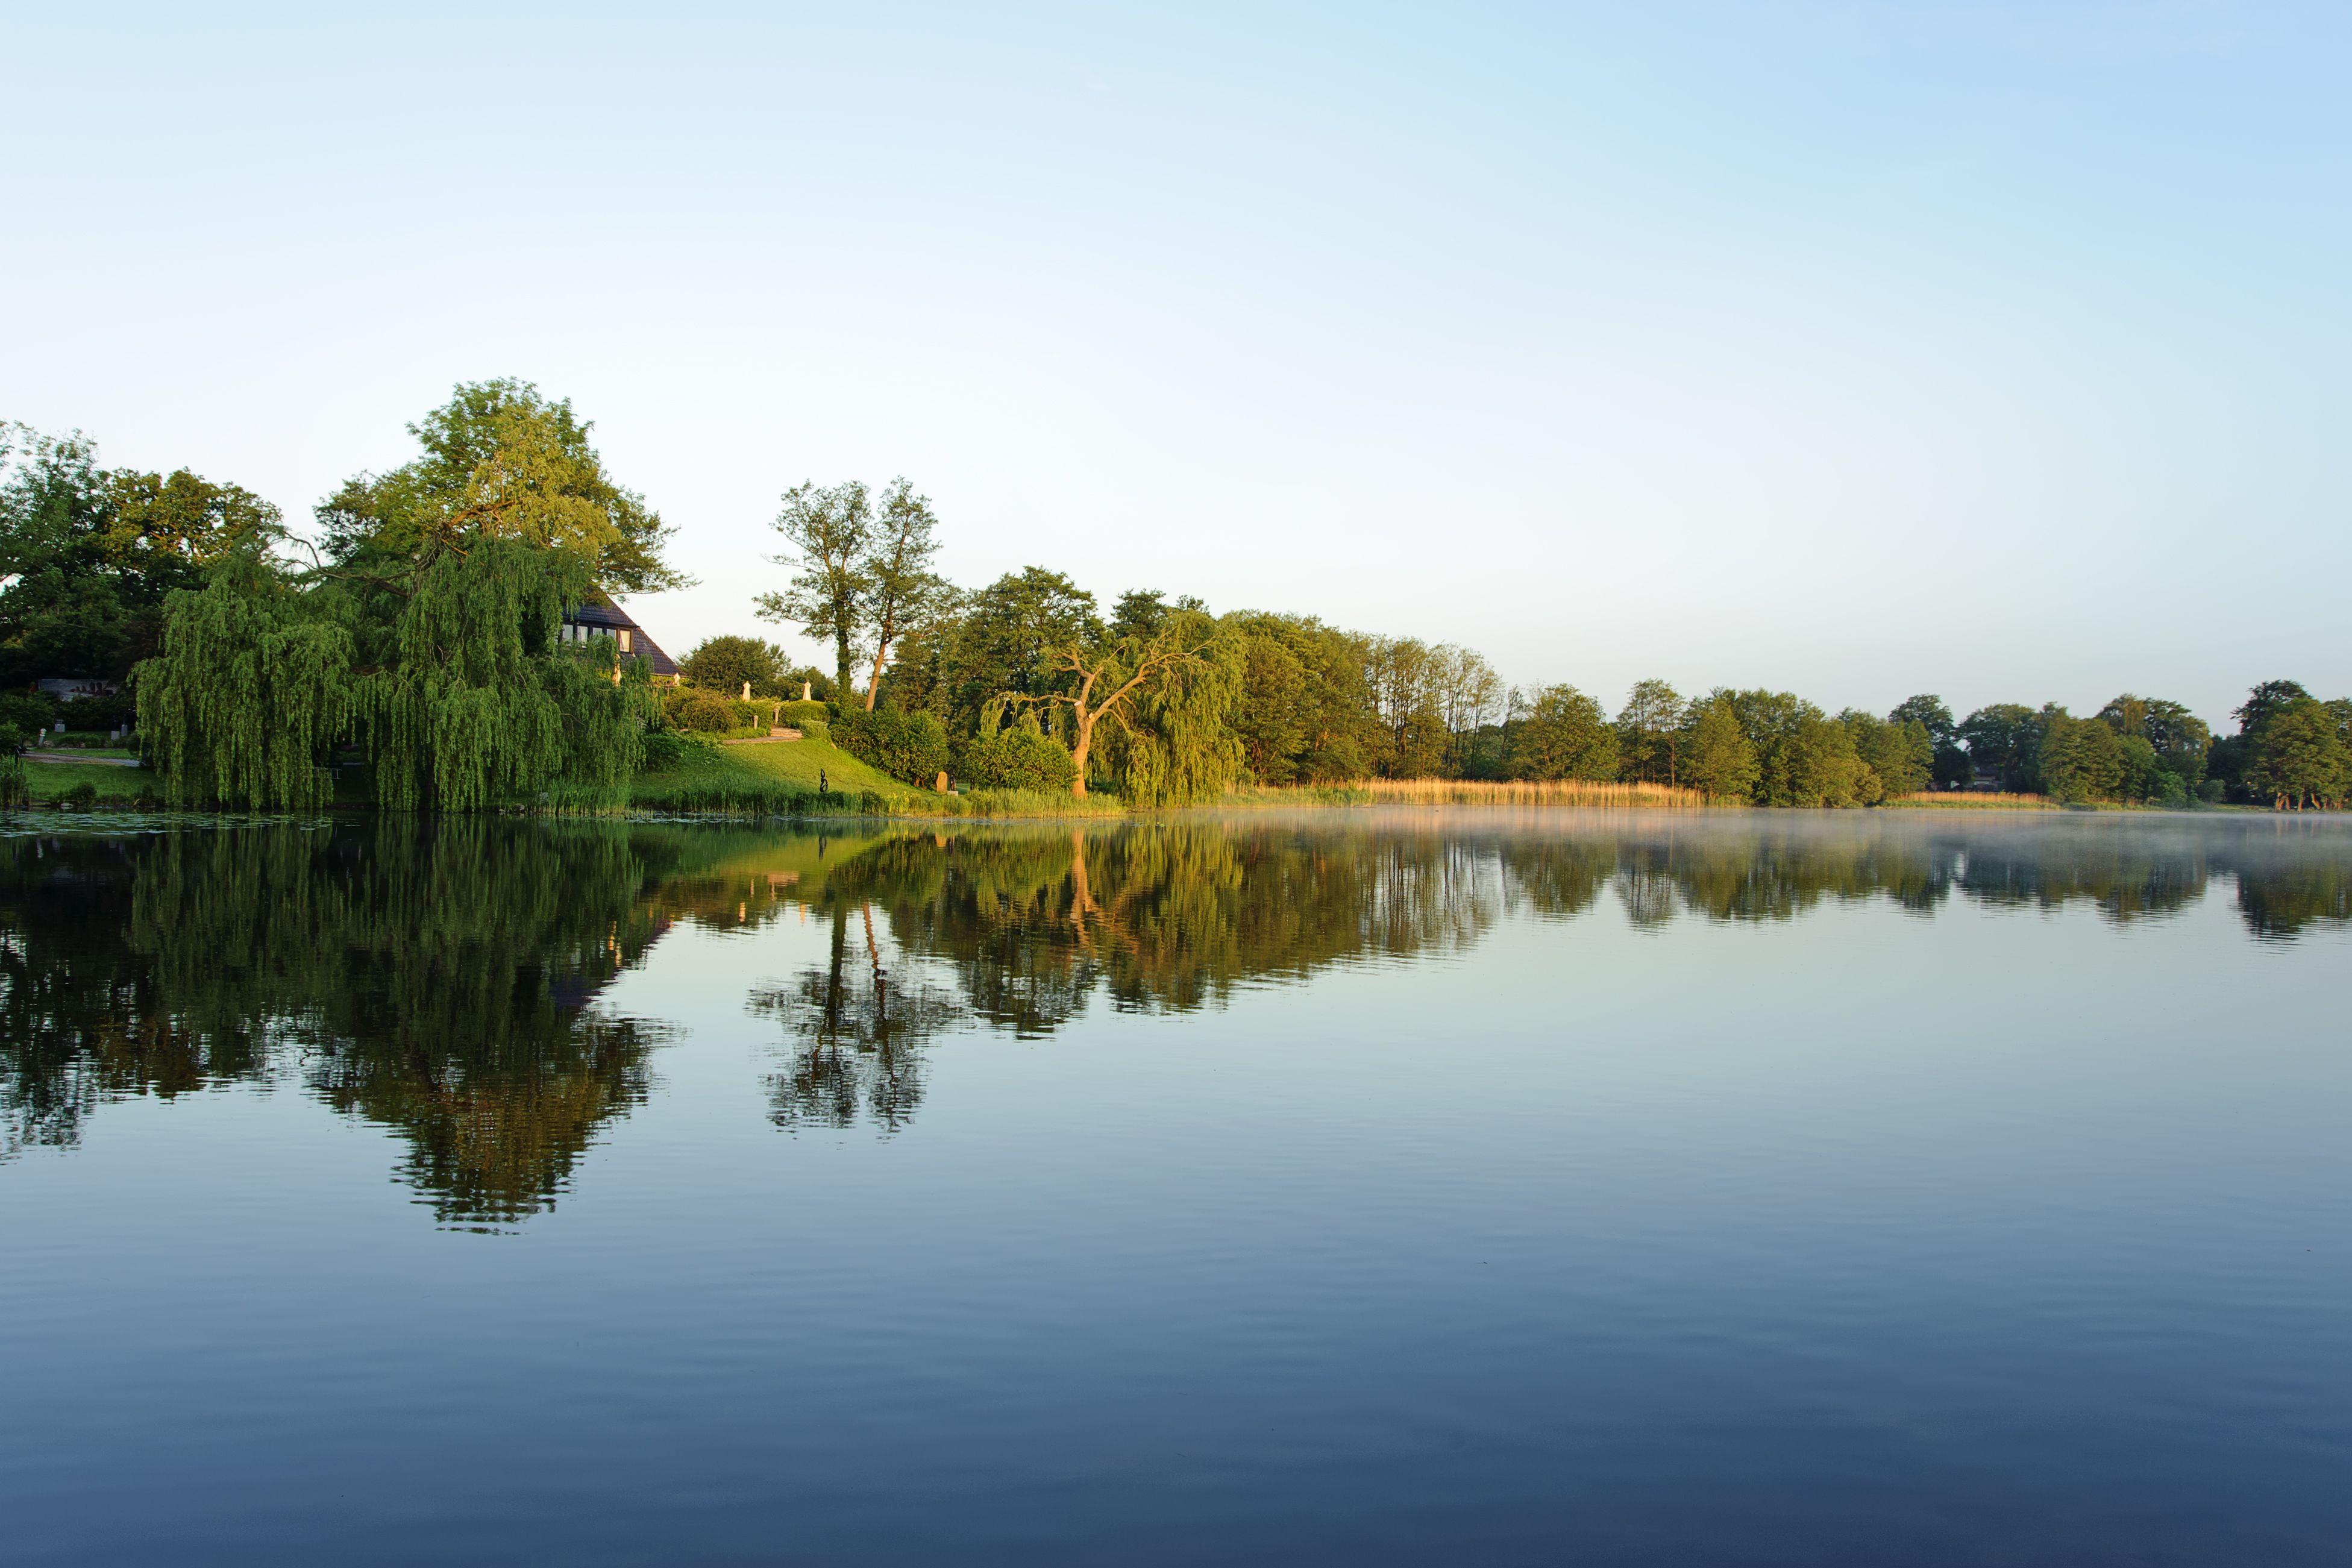 Früh am Morgen der Blick auf den See